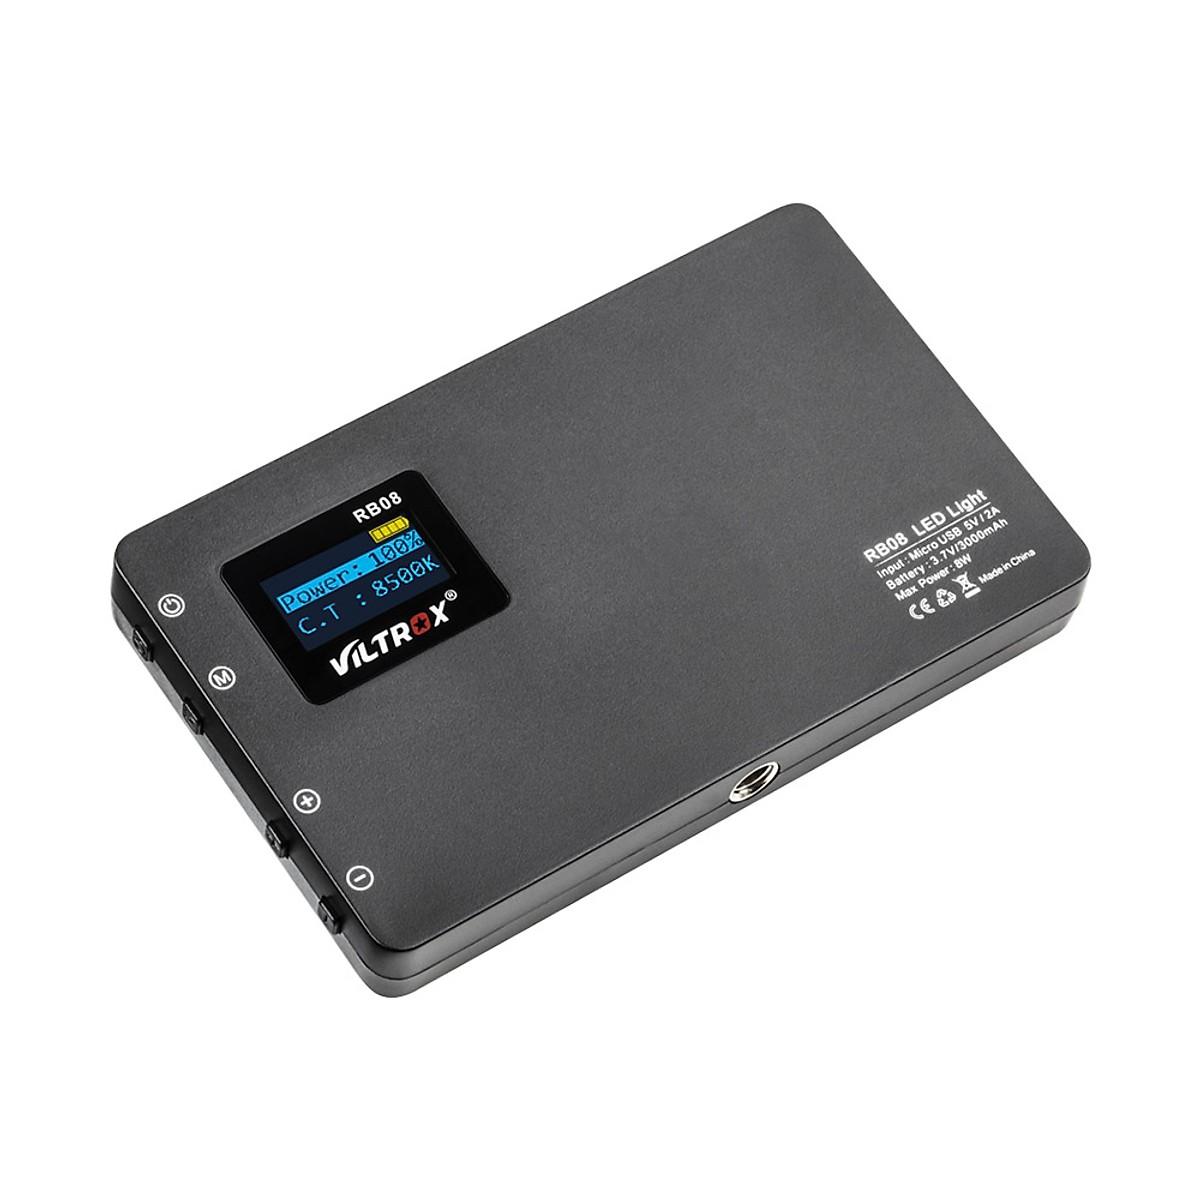 Bảng Đèn LED Di Động Viltrox RB08 (24 Bóng) (2500K-8500K) (CRI 95+) Hàng Nhập khẩu